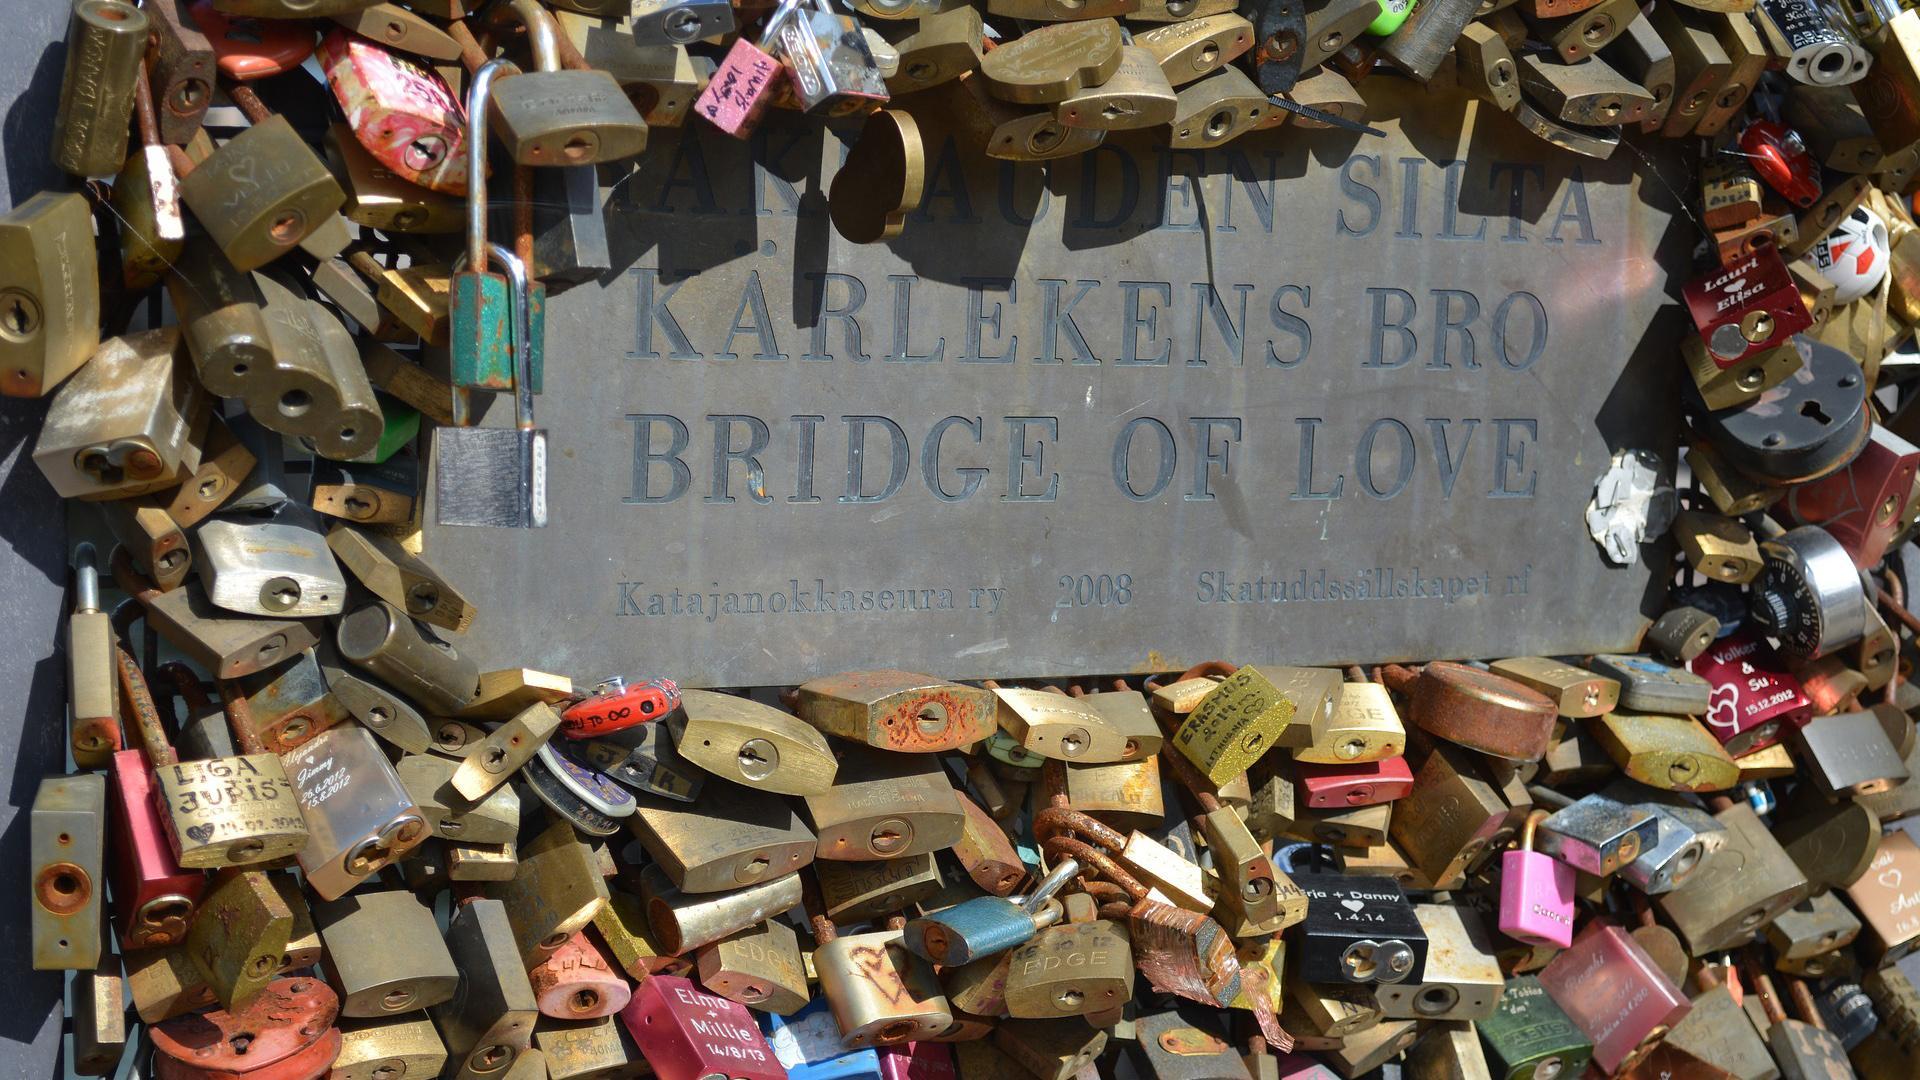 Die Liebesbrücke in Helsinki ist einer der romantischsten Orte, um die Sammlung von Schlössern zu besuchen